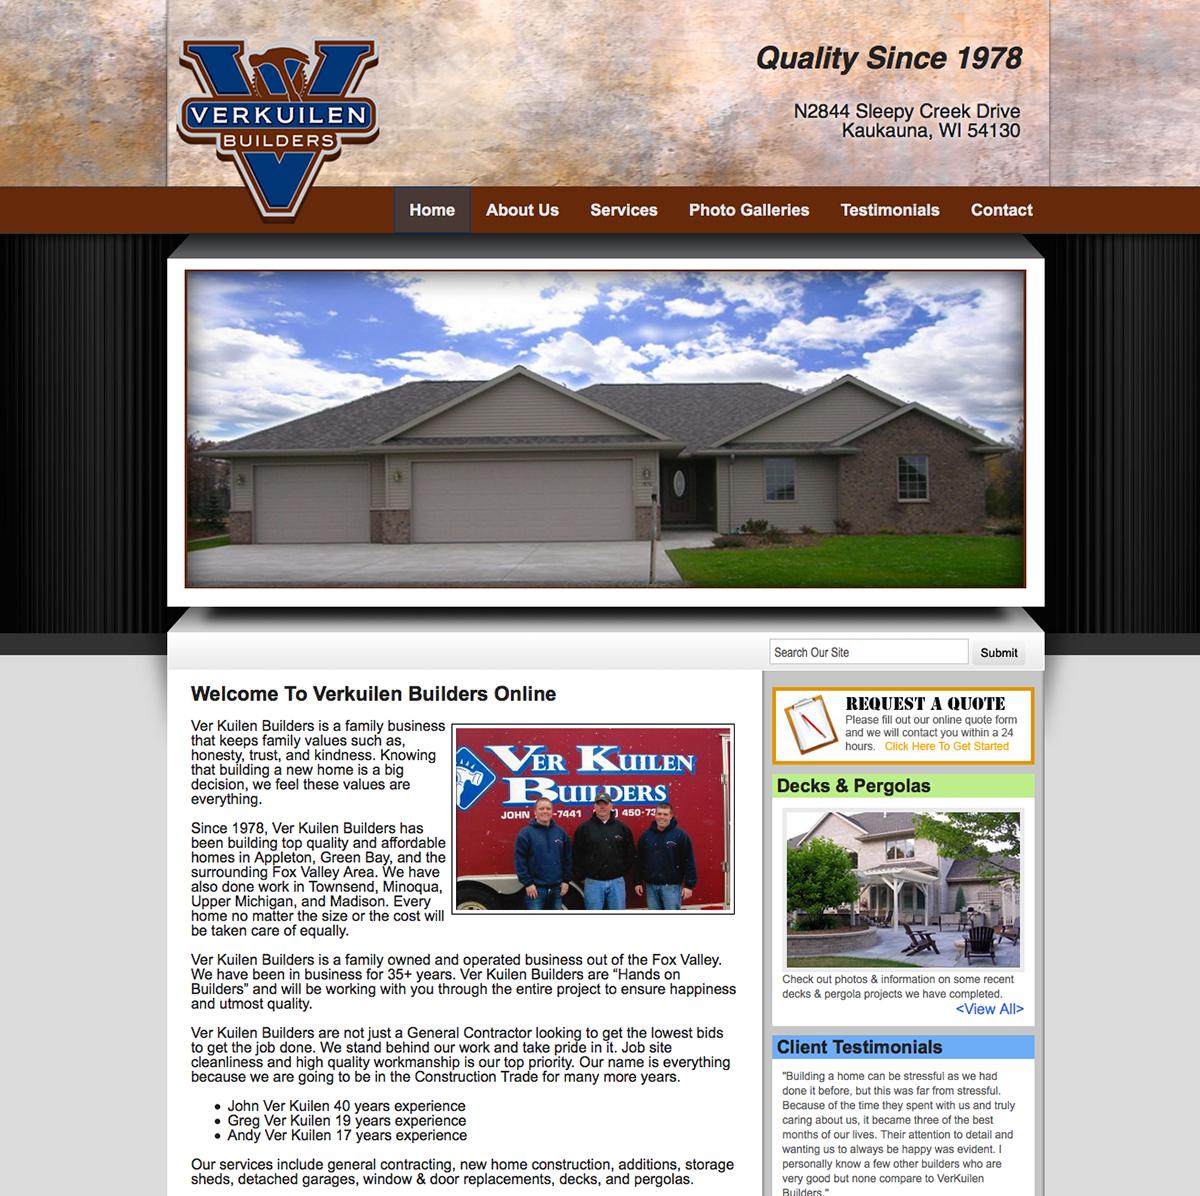 Madison Website Design And Hosting